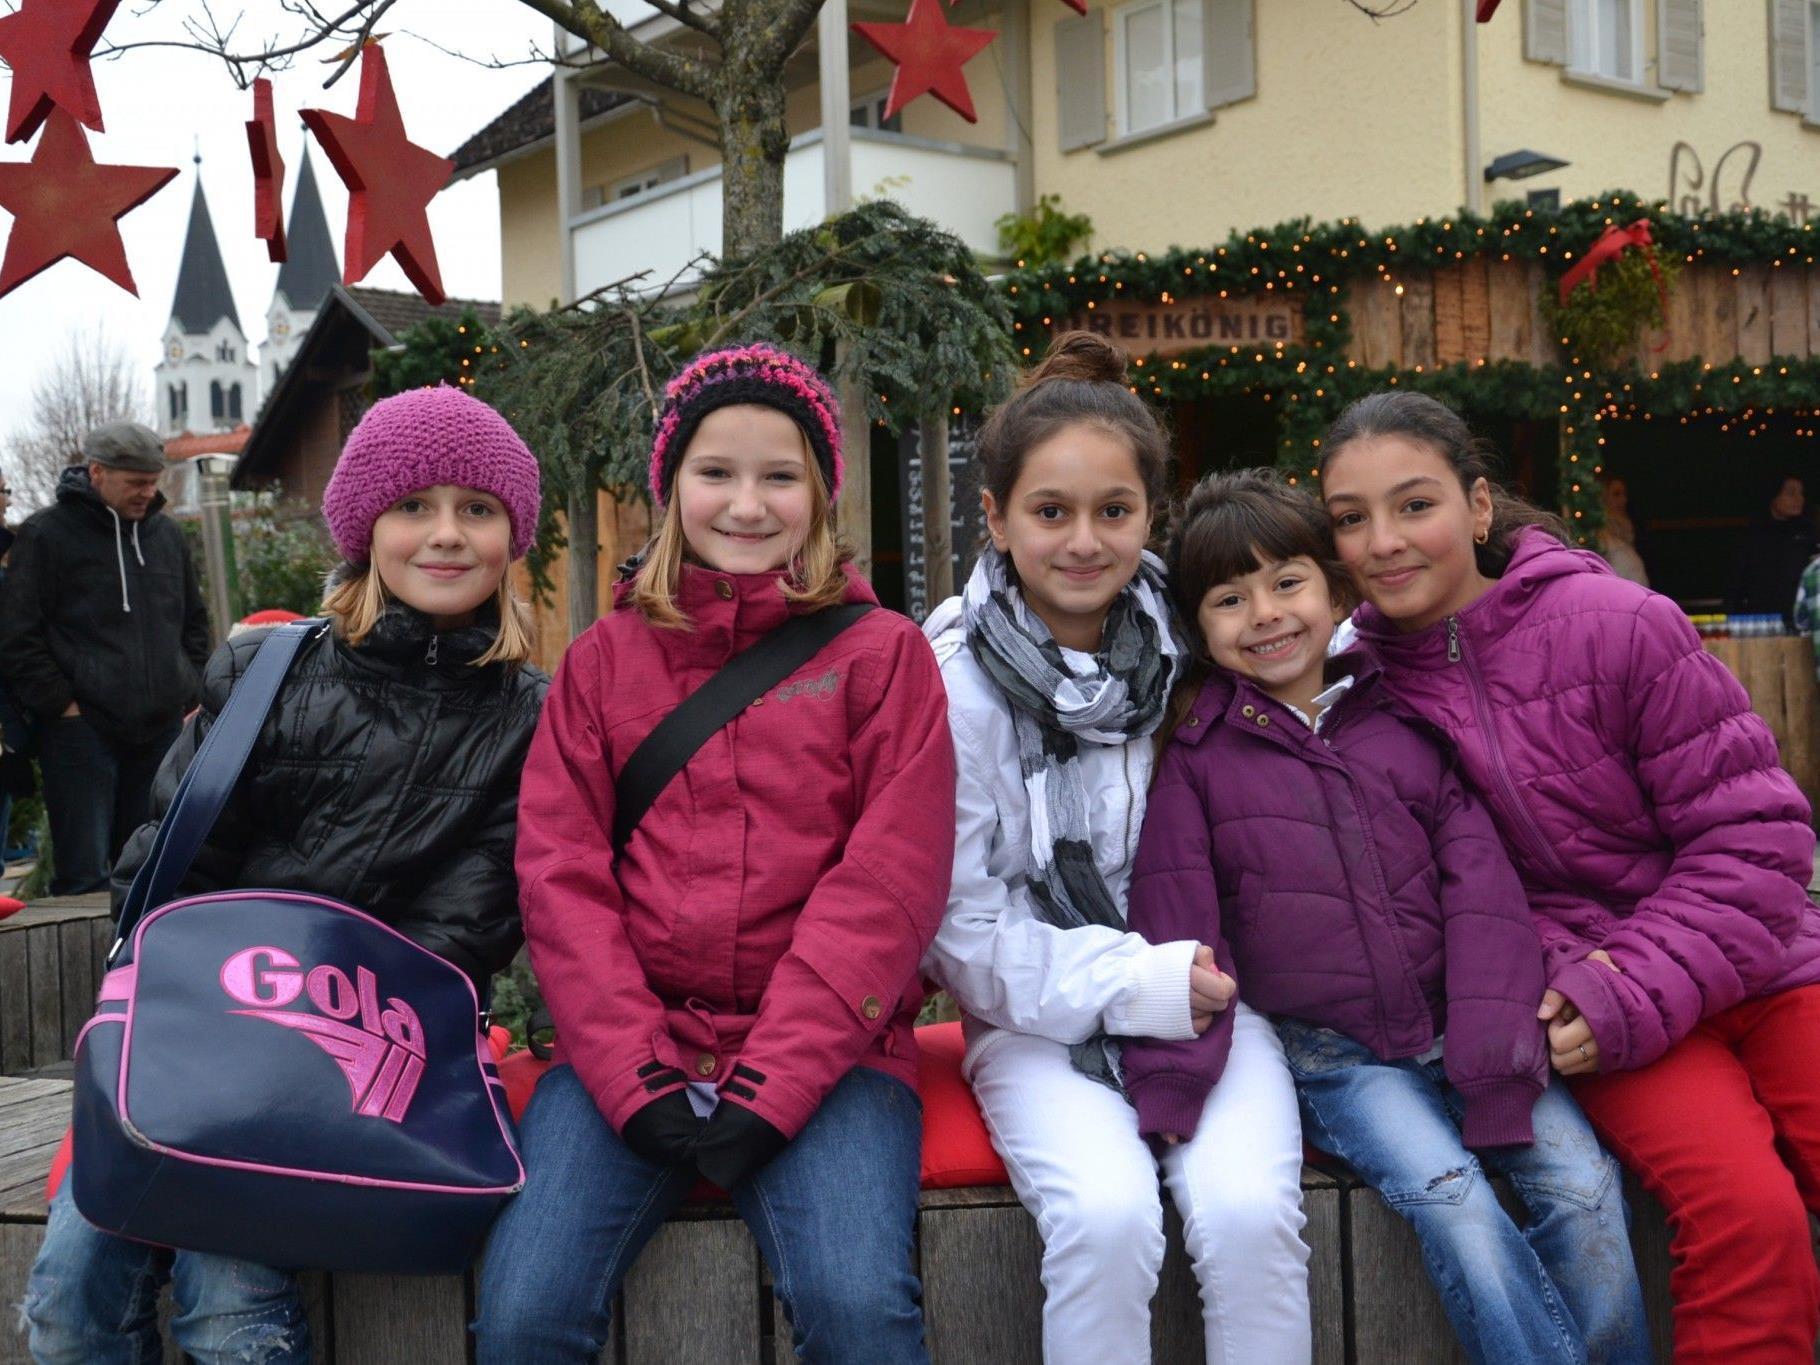 (v.l.) Denise, Julia, Deniz, Defne & Diletta vergnügten sich am Samstag beim Götzner Weihnachtsmarkt